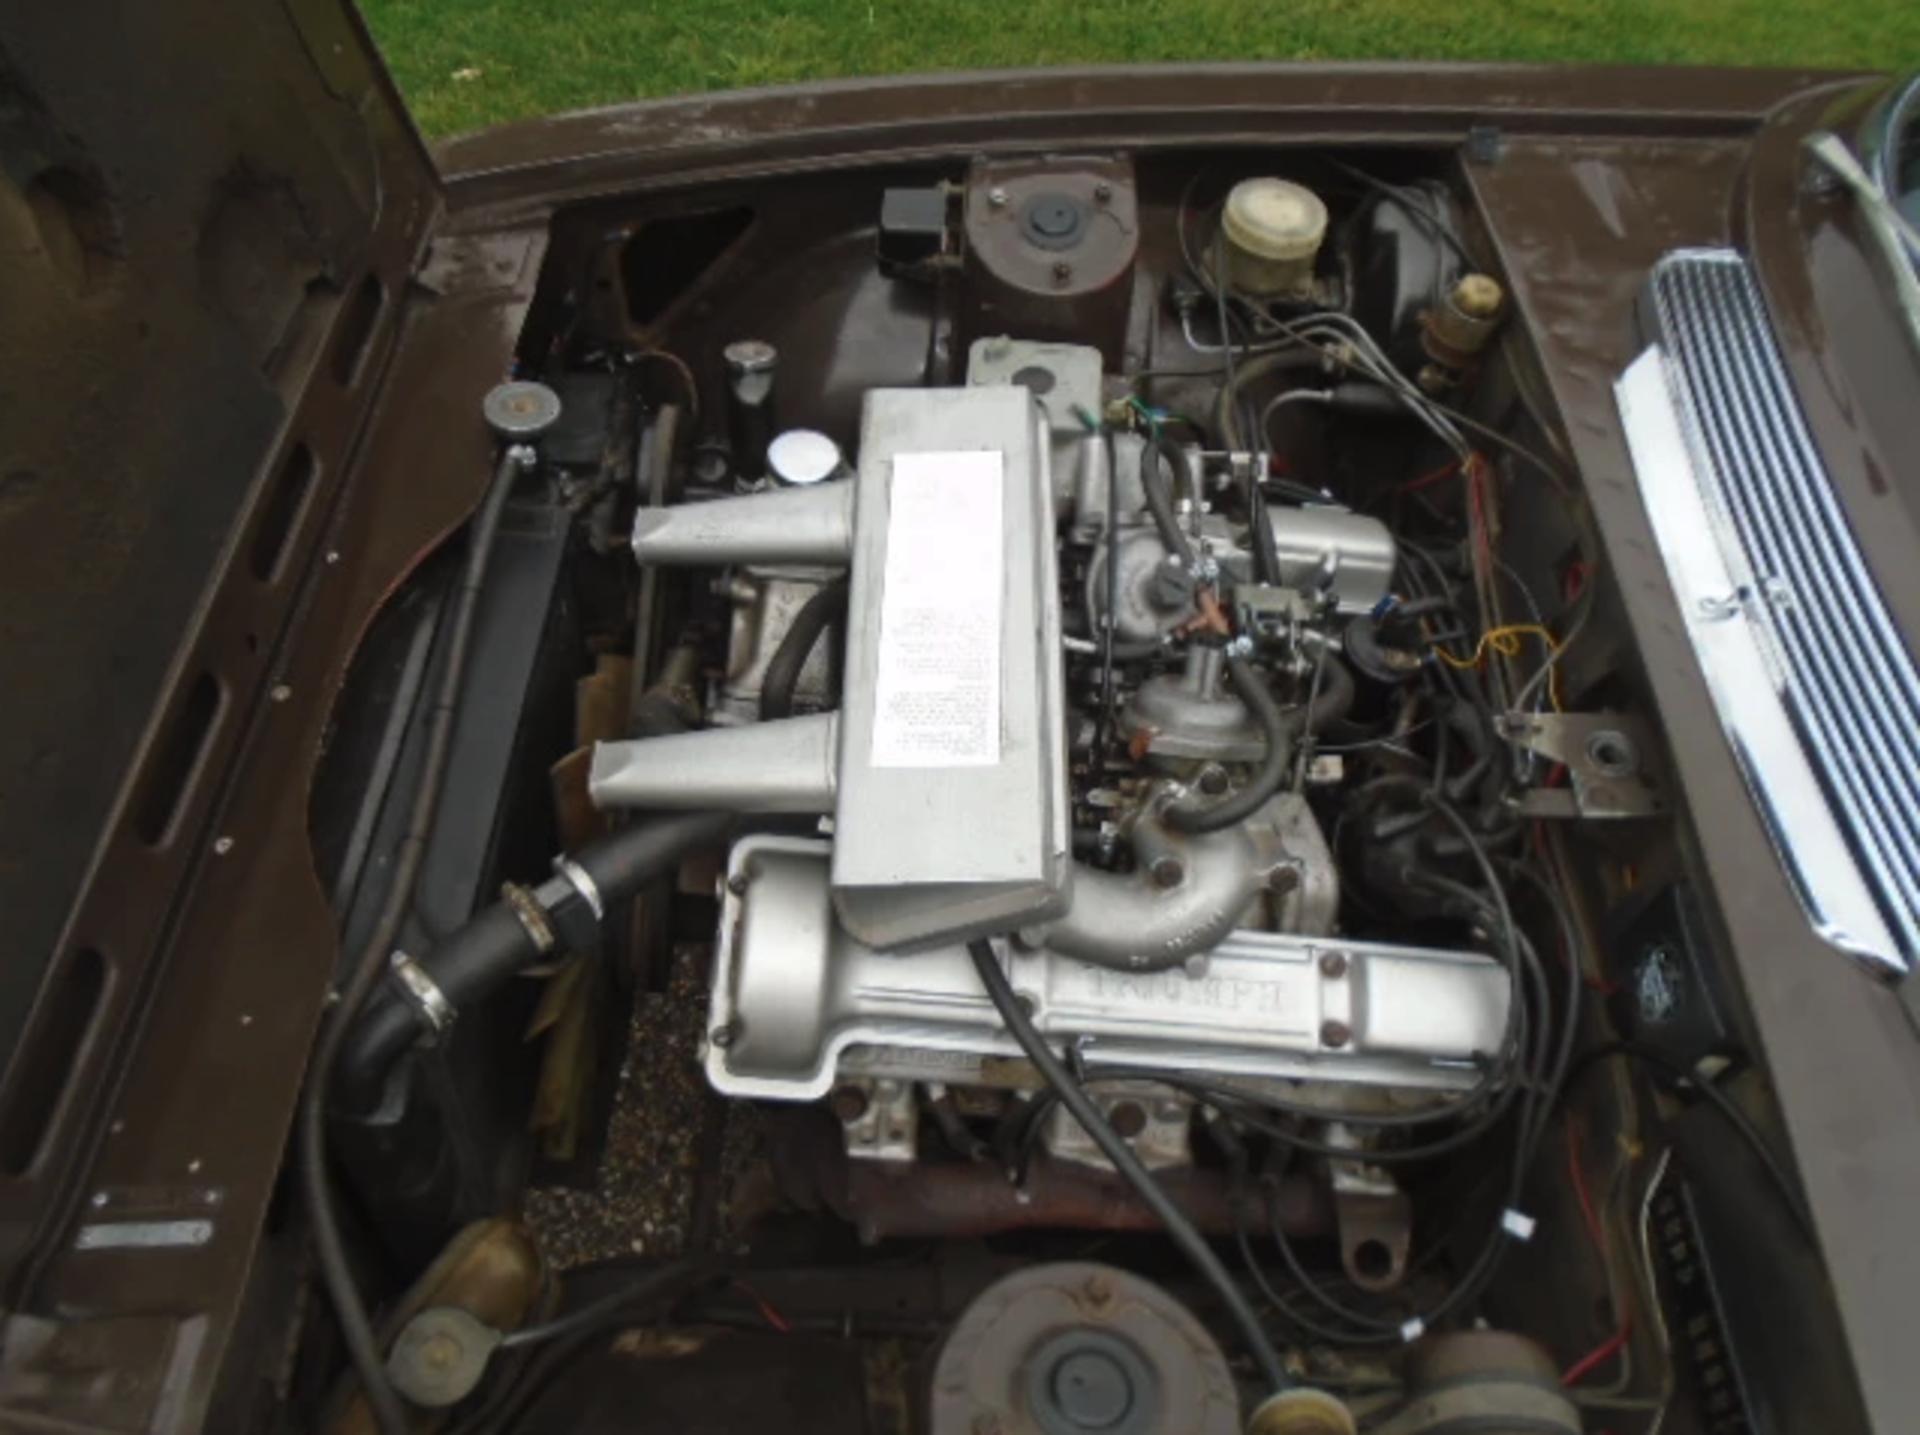 1971 Triumph Stag Mk1 - Image 6 of 6